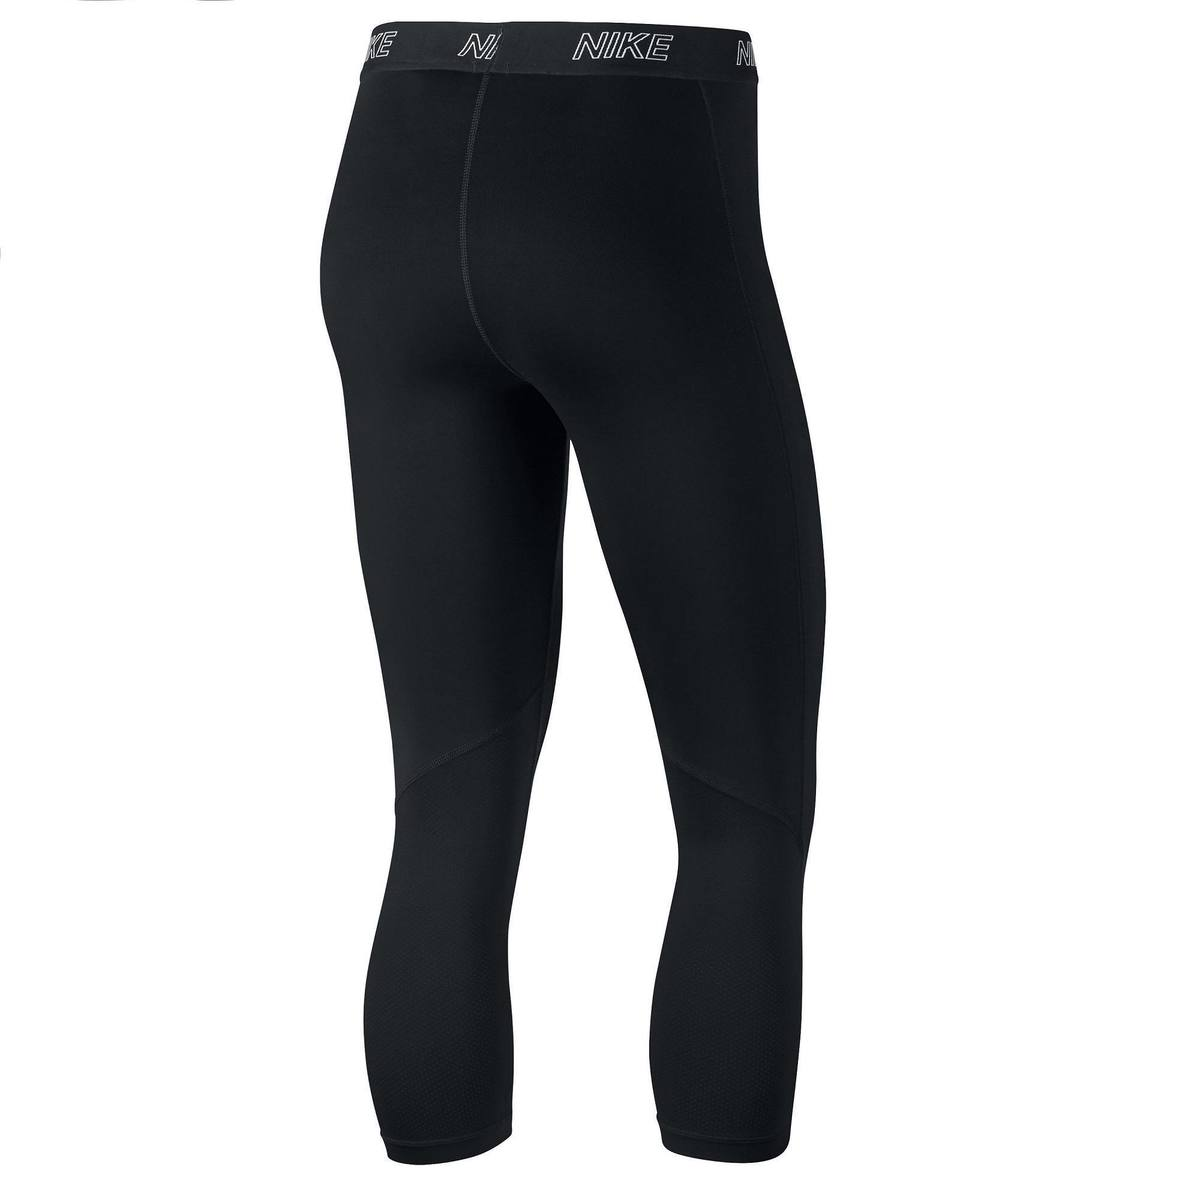 Bild 2 von 3/4-Hose Fitness Cardio-Training Damen schwarz